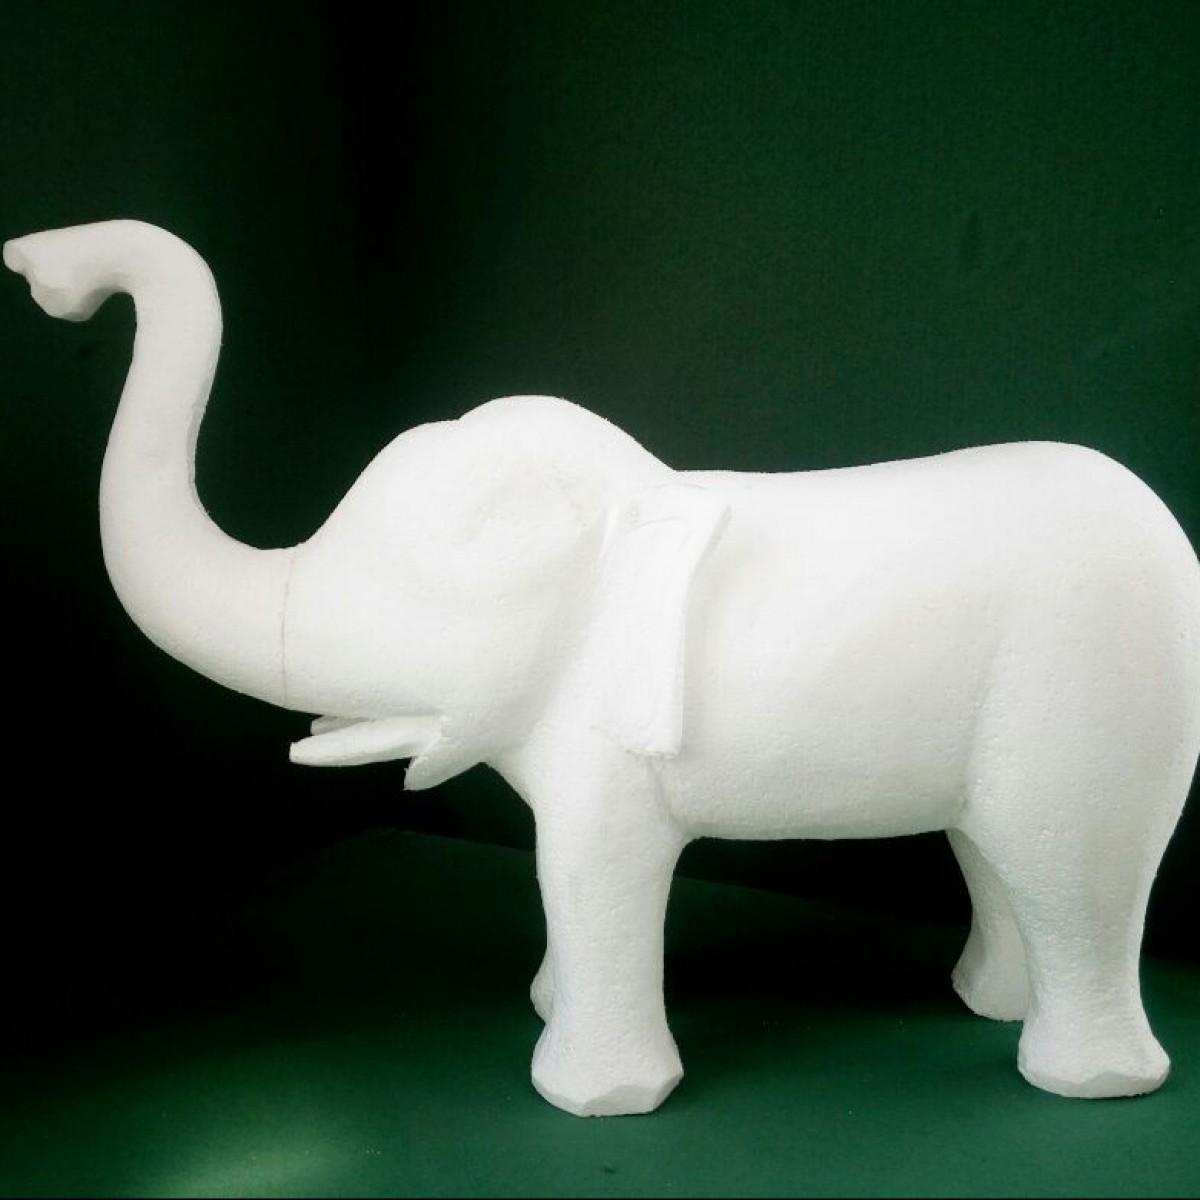 Elephant Trunk Up W 31